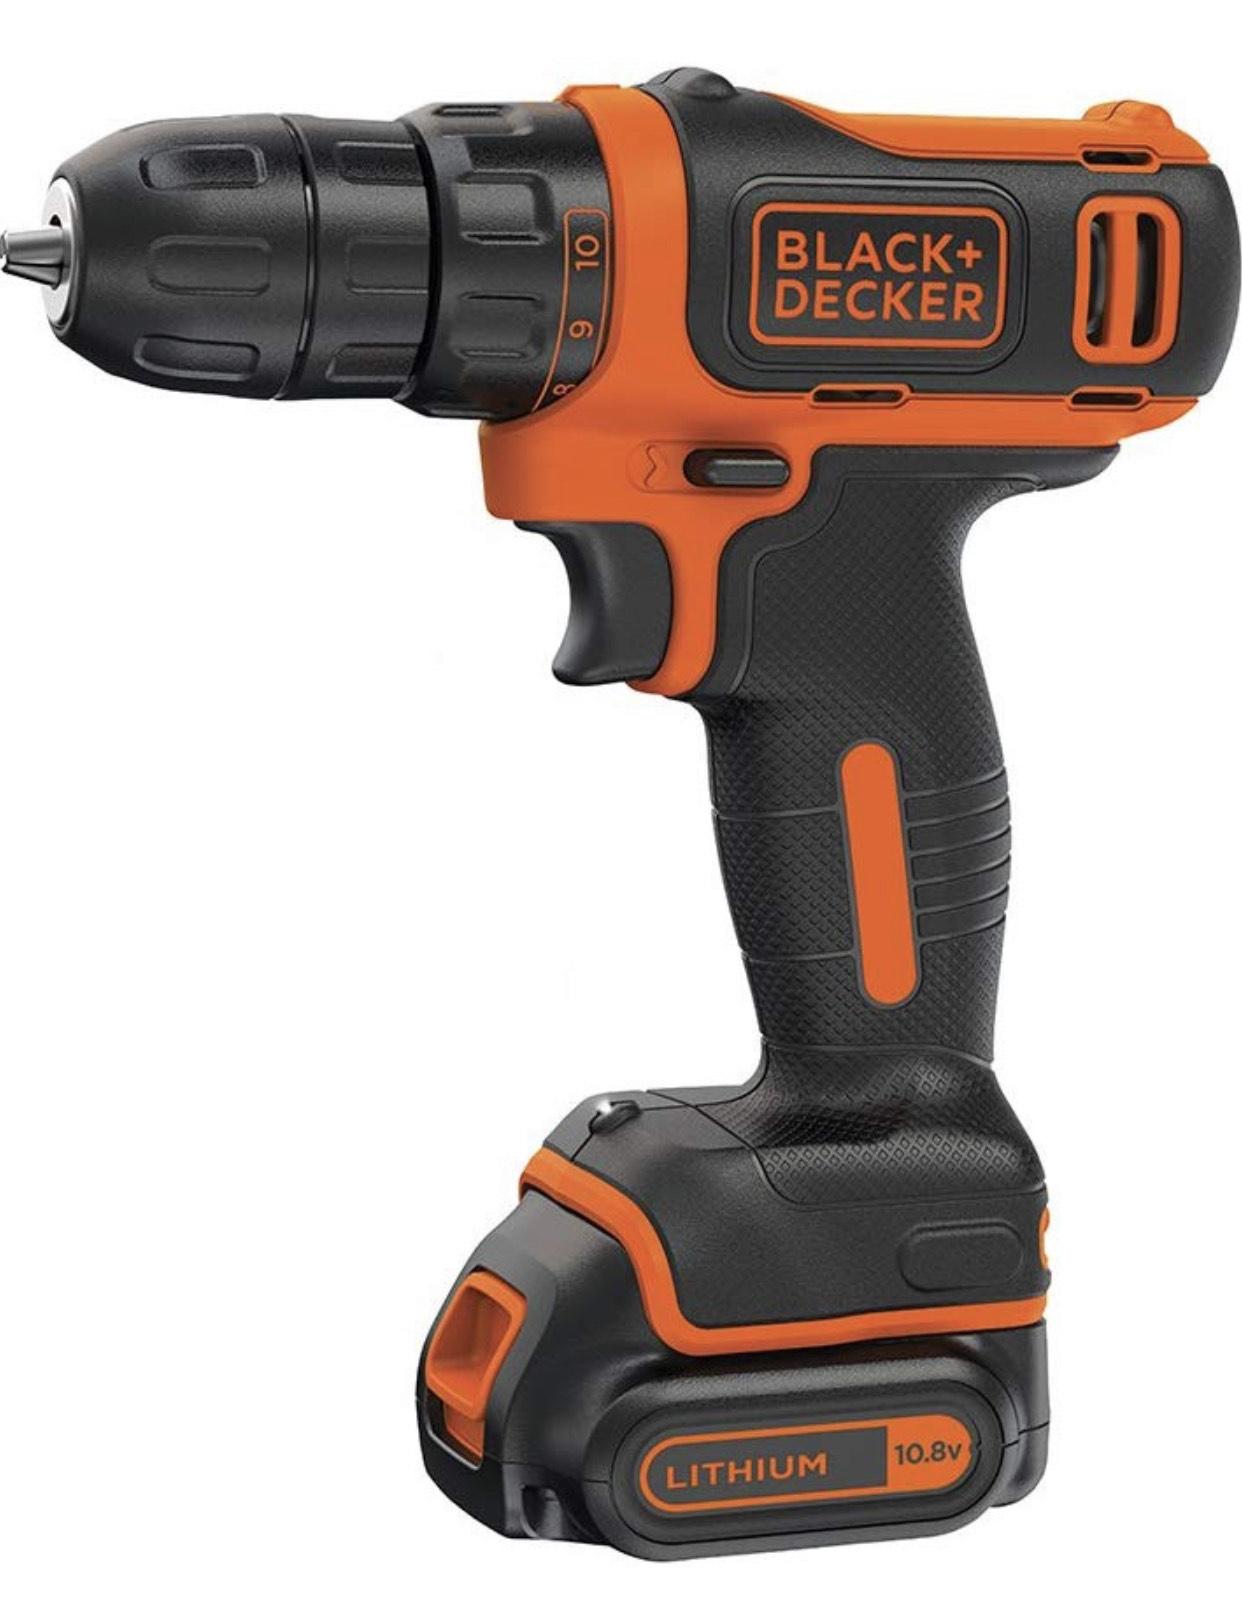 Black & Decker BDCDD12 Akku-Bohrschrauber inkl. 1.5Ah Akku und Ladegerät